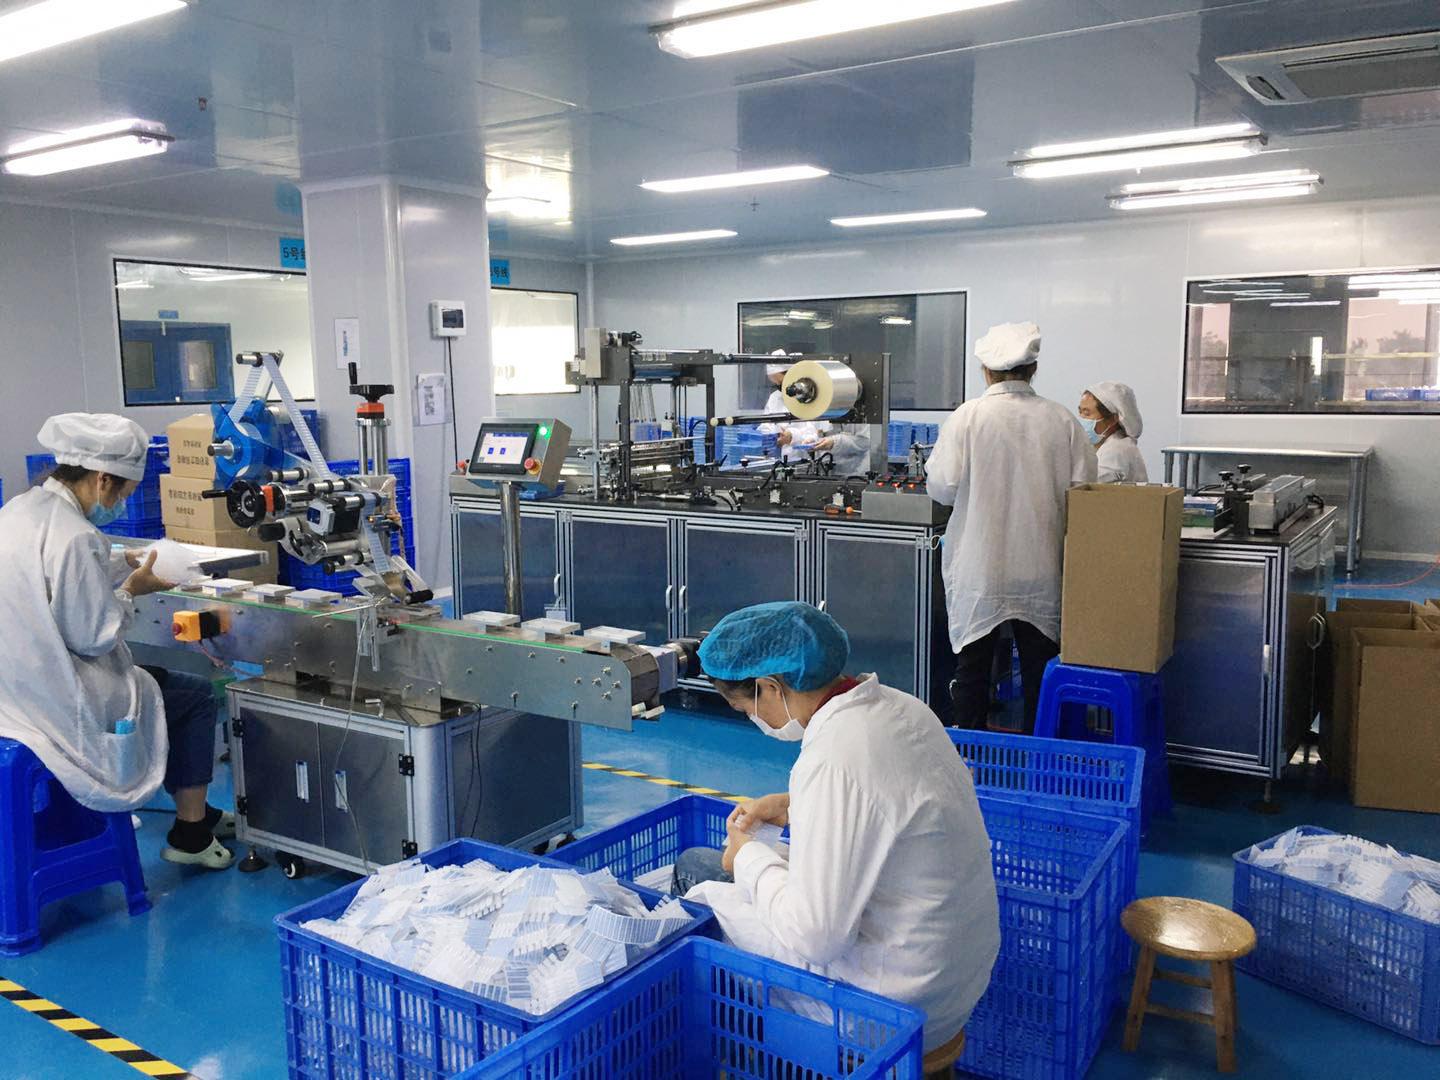 oem化妆品生产企业